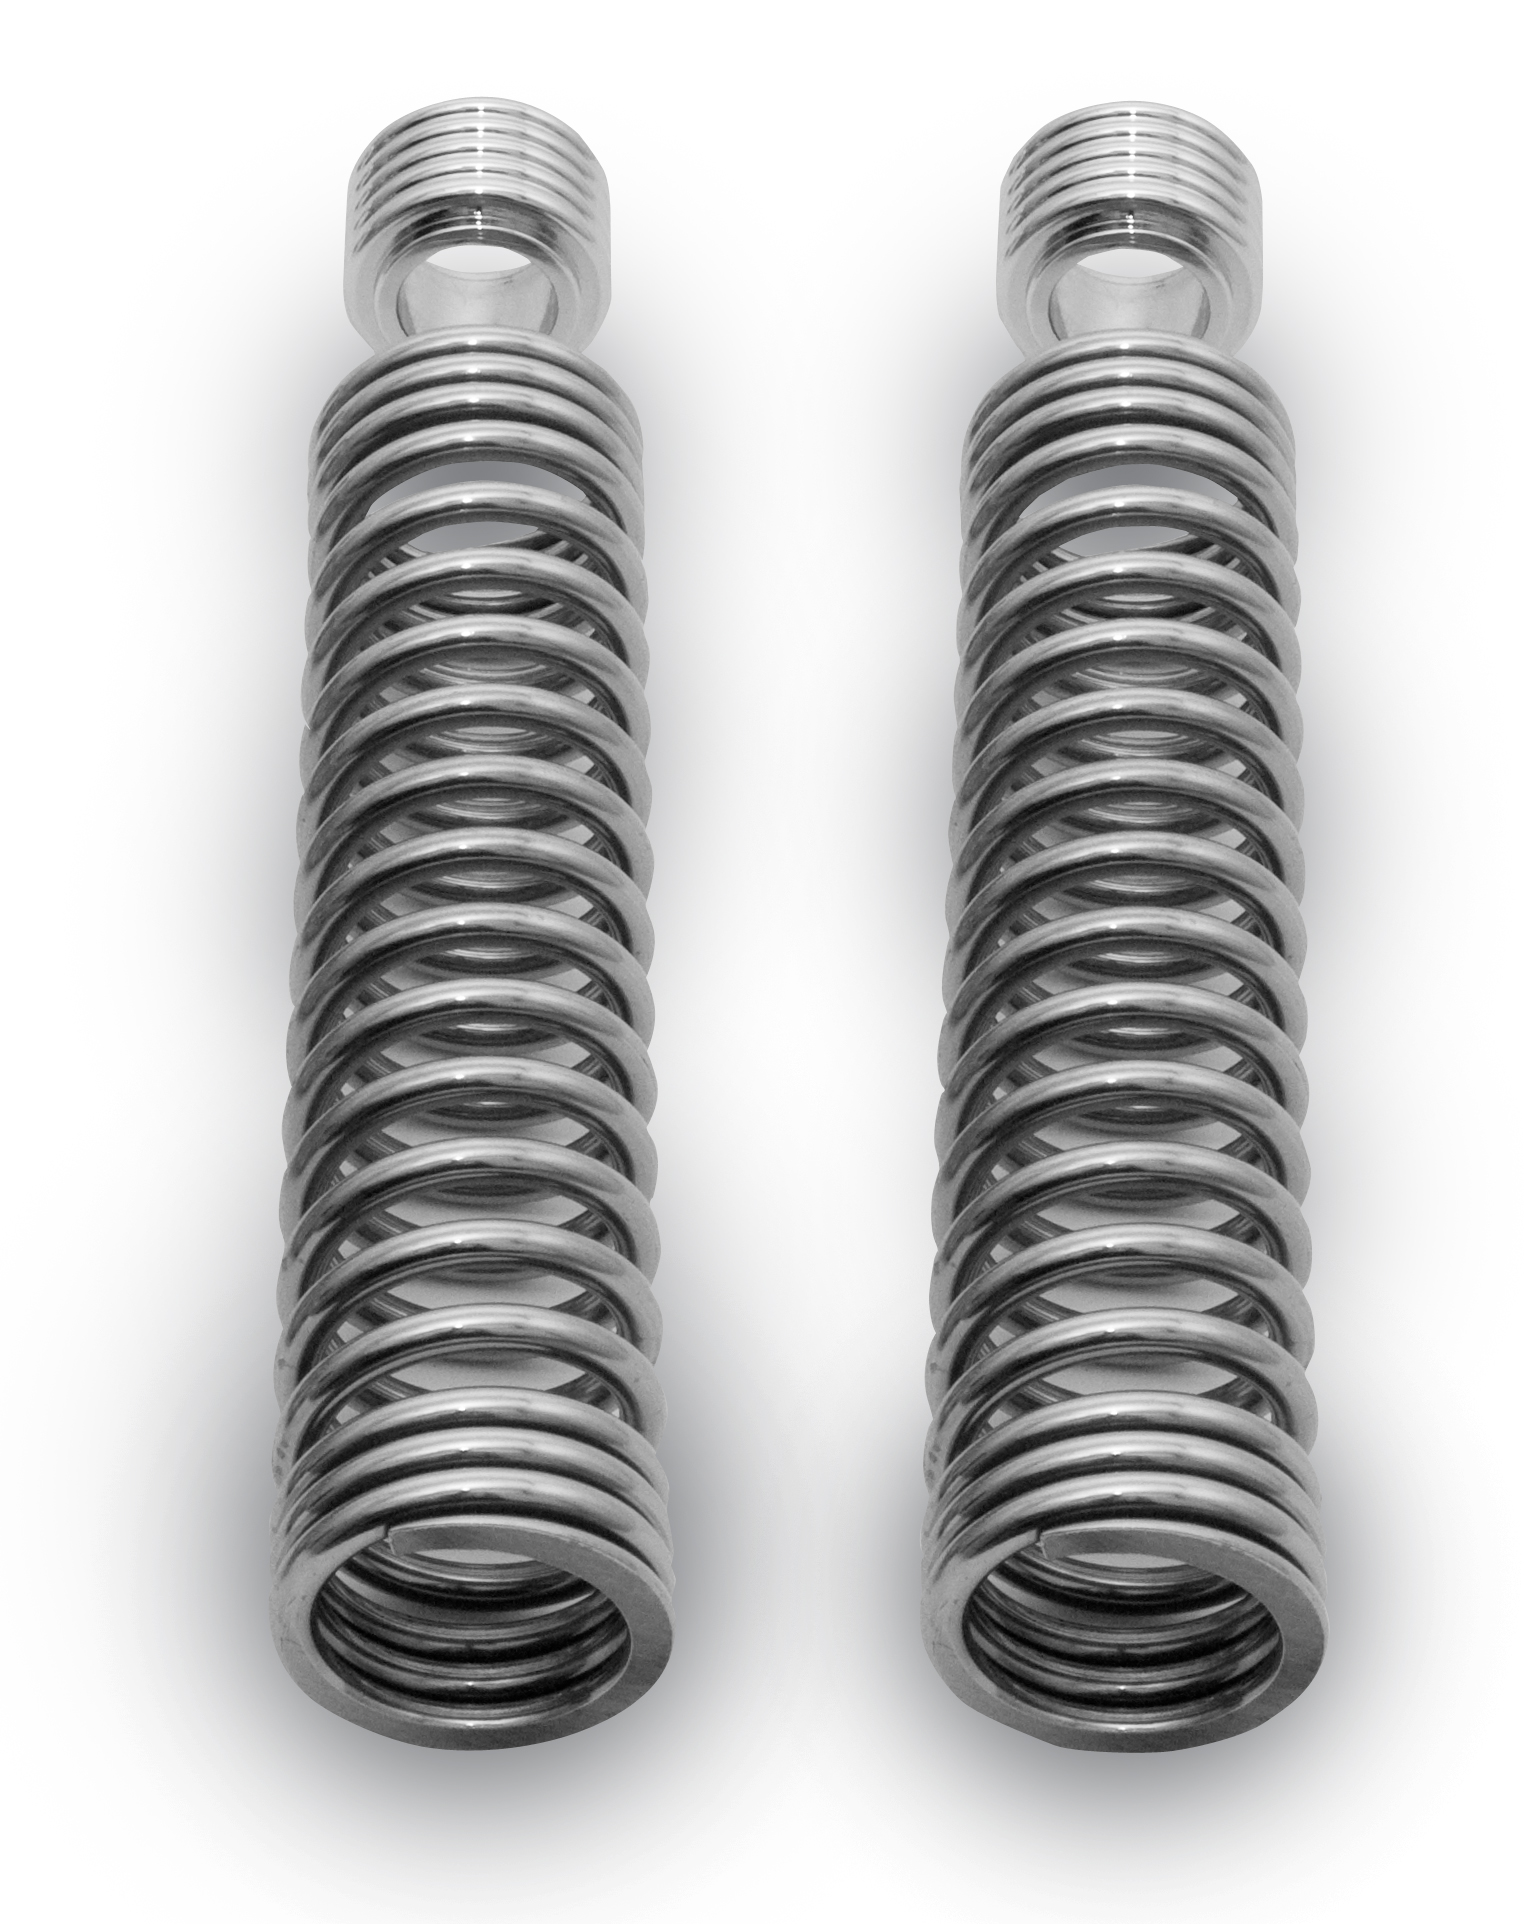 Burly Brand Springer Fork Lowering Kit B28-115